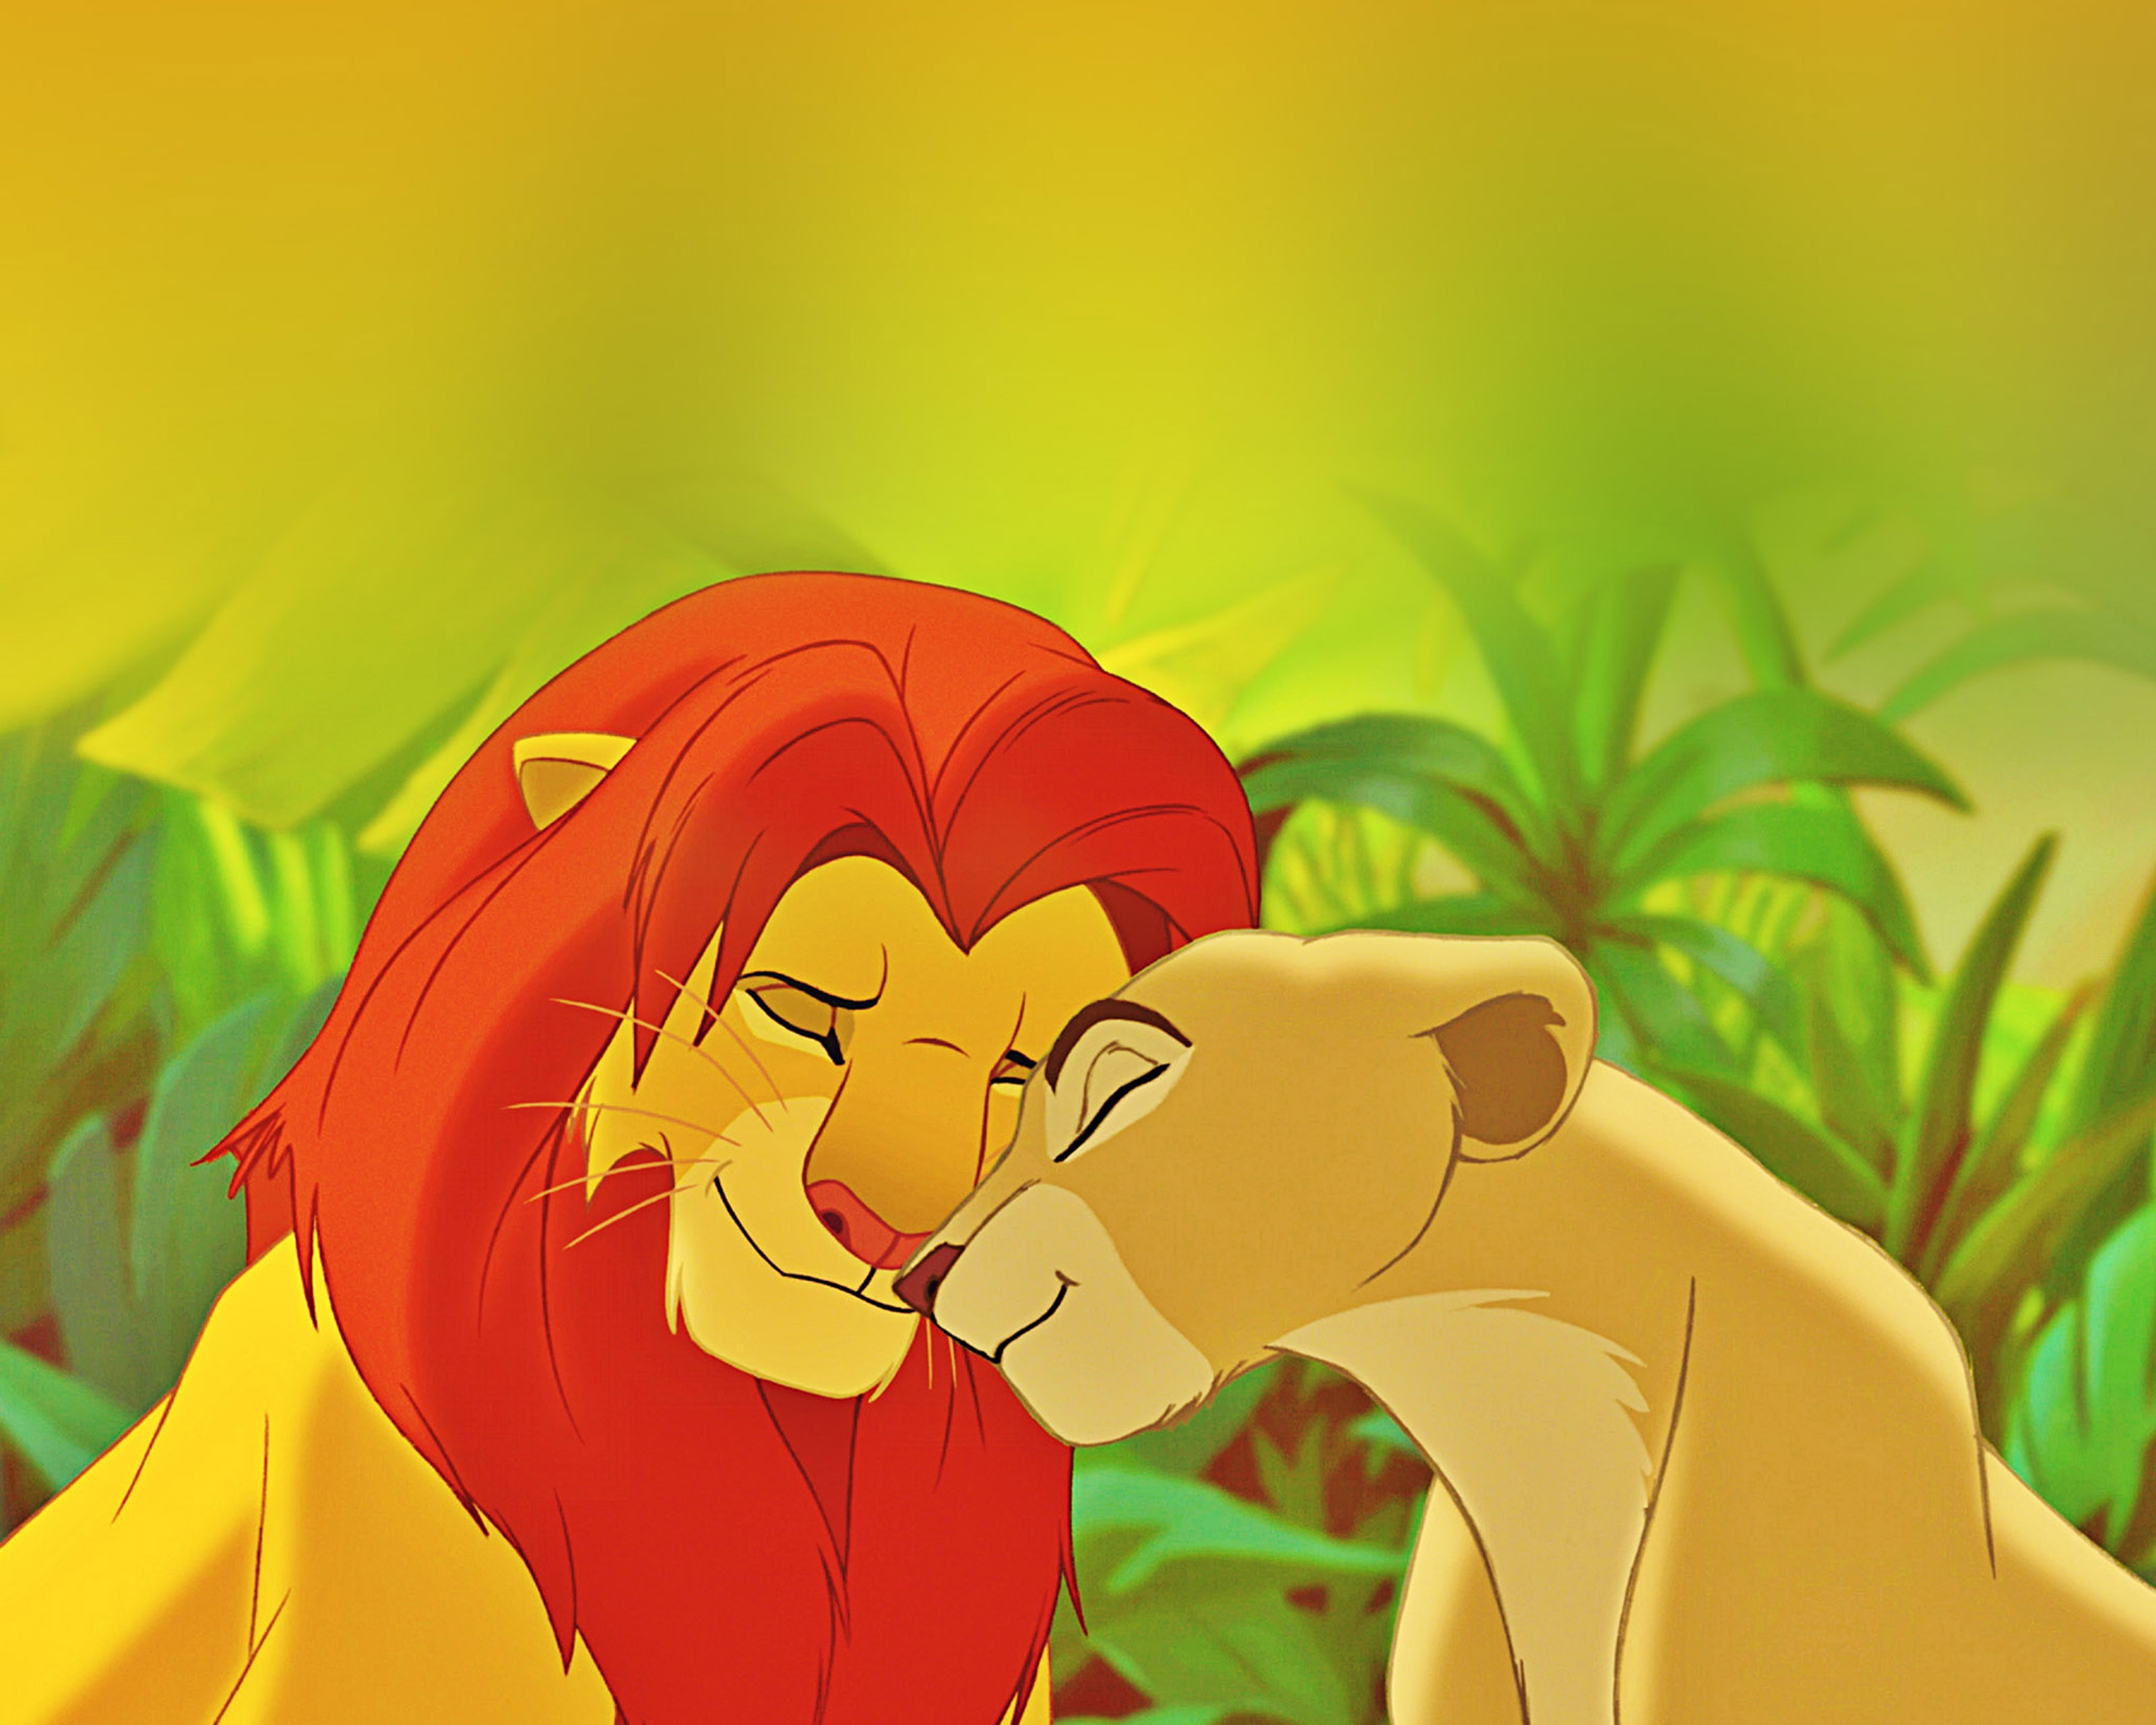 Король лев 2 скачать на телефон